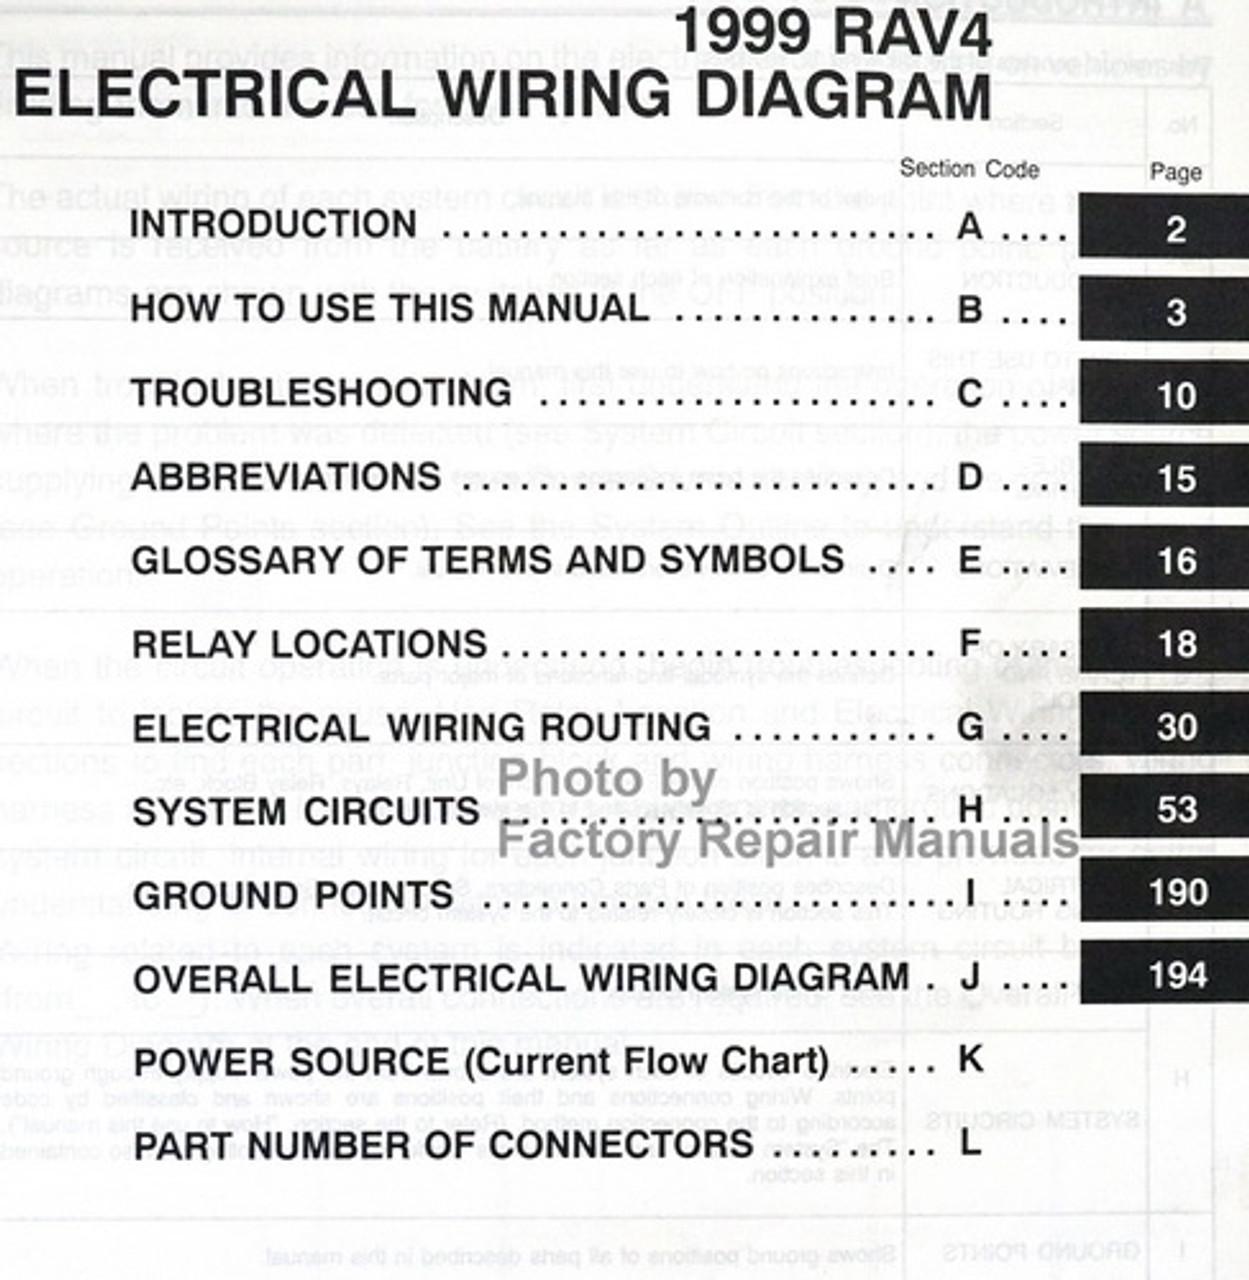 1999 Toyota Rav4 Electrical Wiring Diagrams Original Manual Factory Repair Manuals